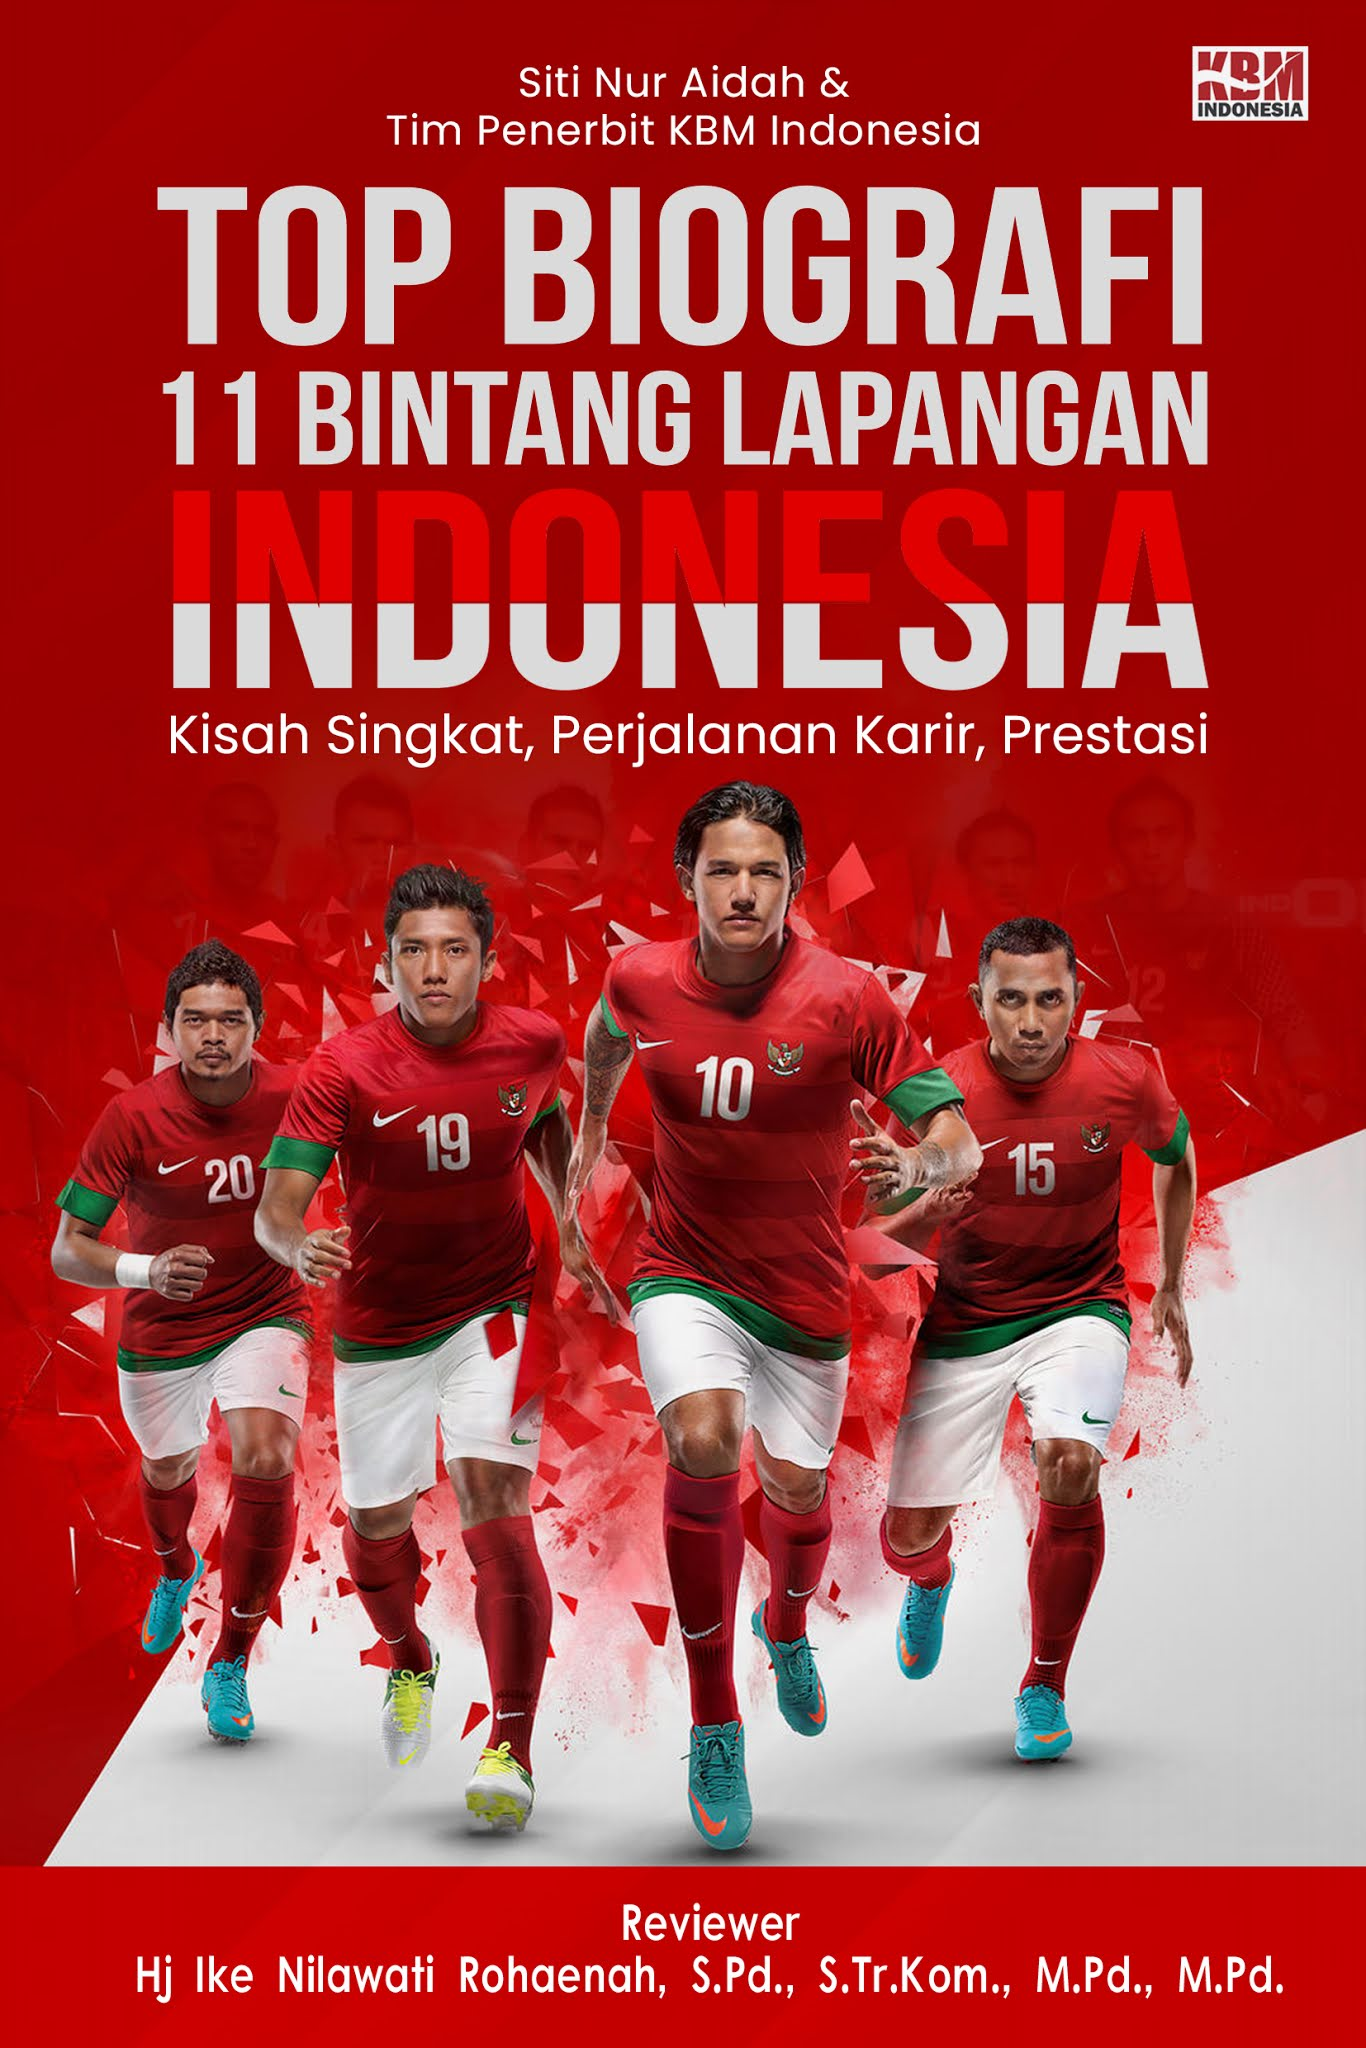 TOP BIOGRAFI 11  BINTANG LAPANGAN INDONESIA